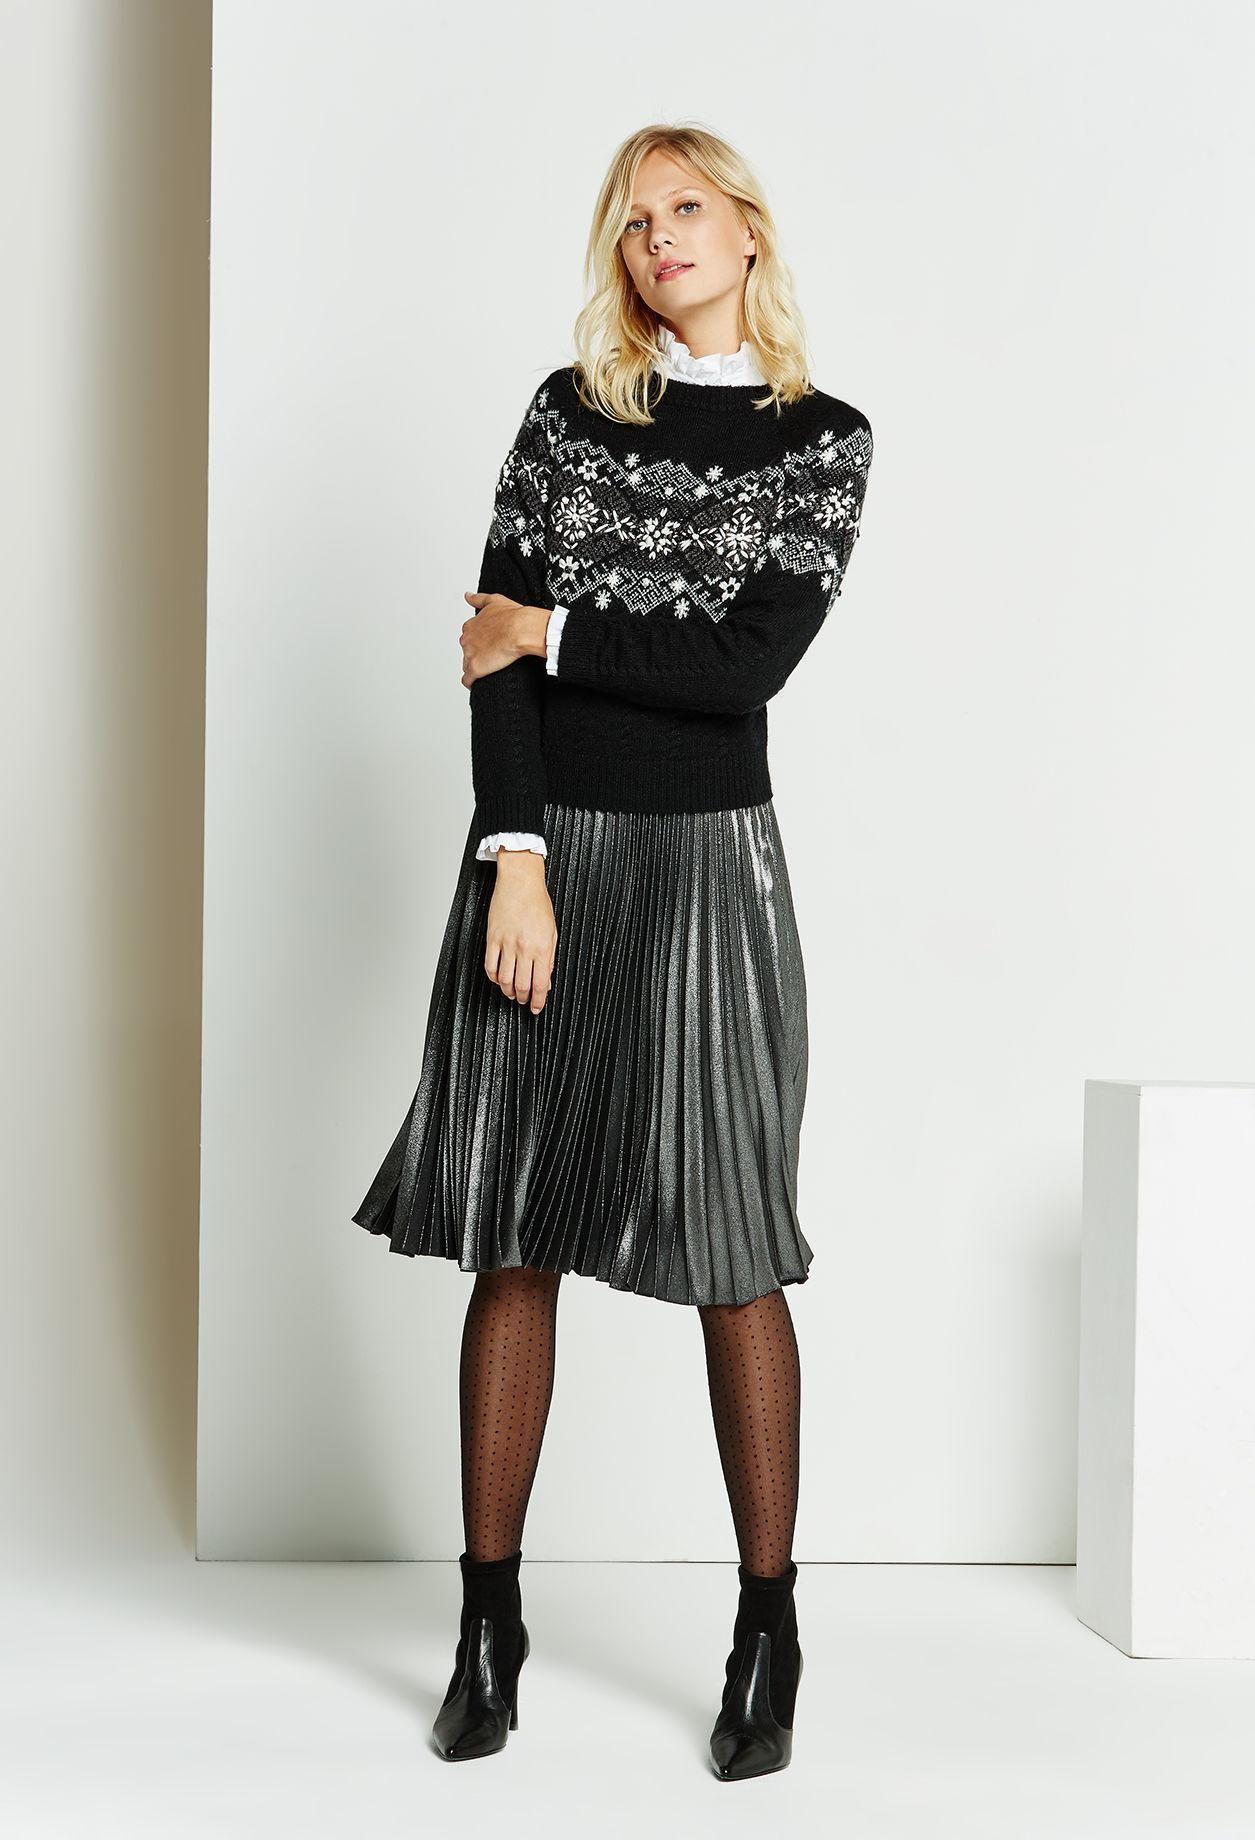 La jupe plissée prend une longueur davance